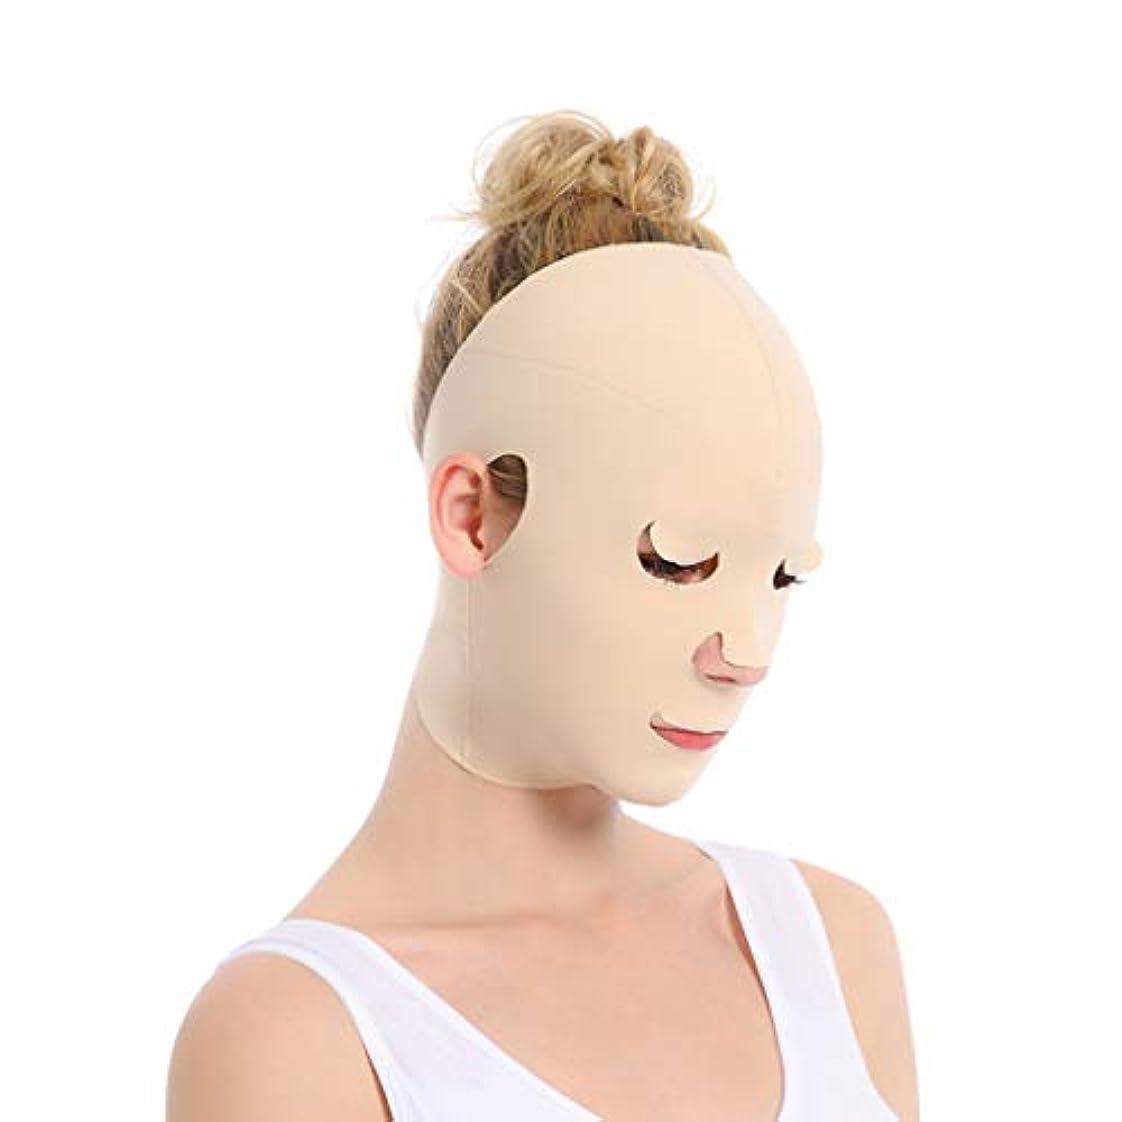 時制ライトニング宿泊施設XHLMRMJ フェイスファーミングマスク、フェイスリフト、しわ防止フェイシャル減量ベルト、二重あご減量包帯